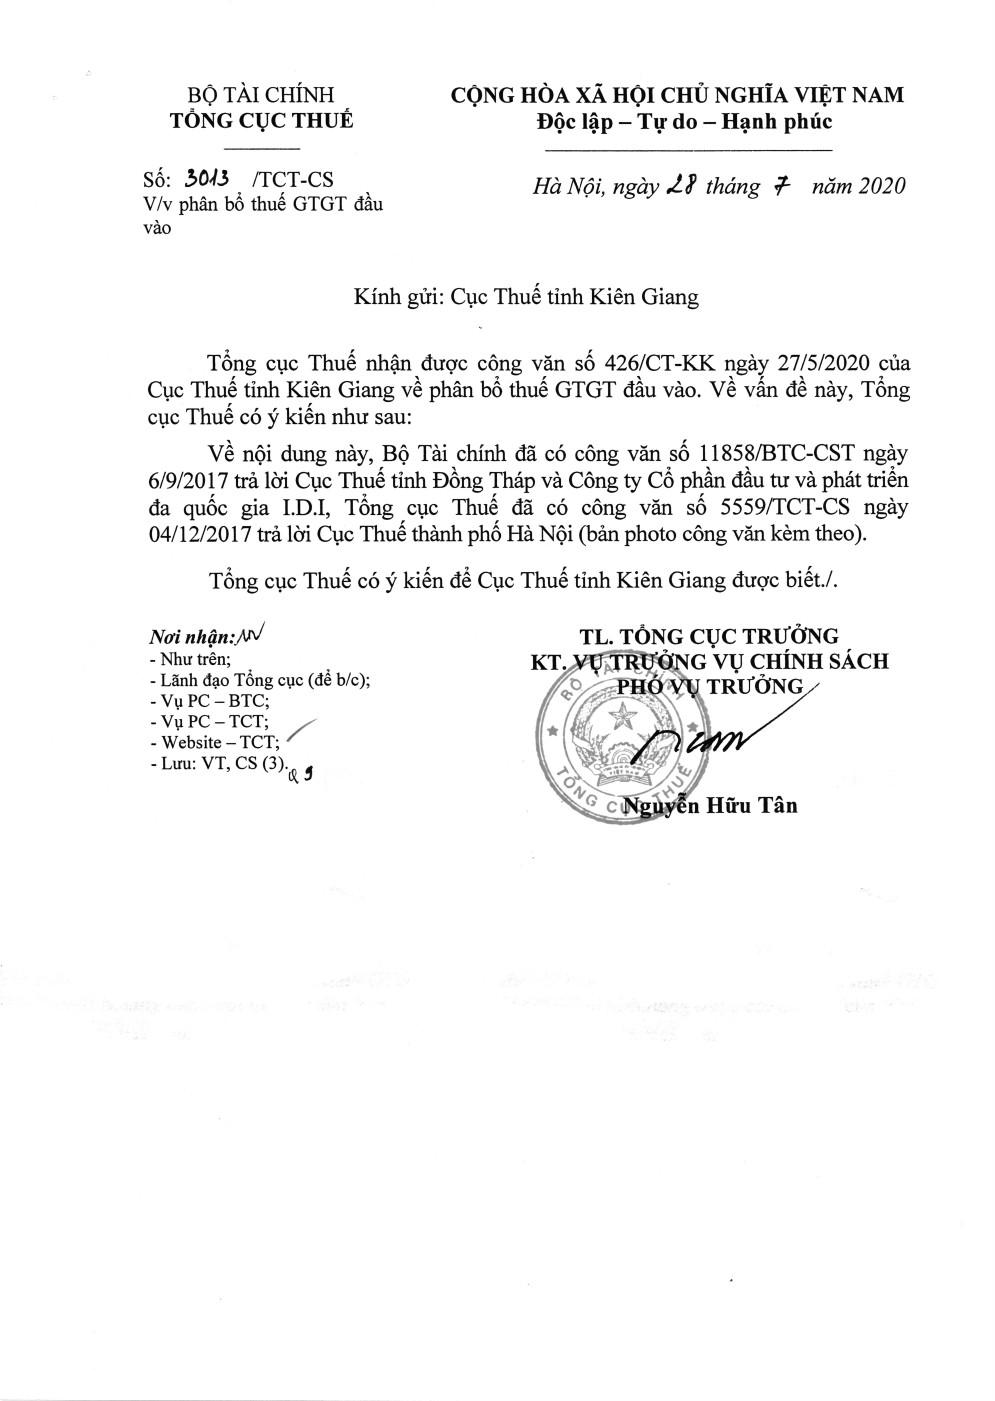 Công văn số 3013/TCT-CS của Tổng cục Thuế ngày 28/07/2020 v/v phân bổ thuế GTGT đầu vào